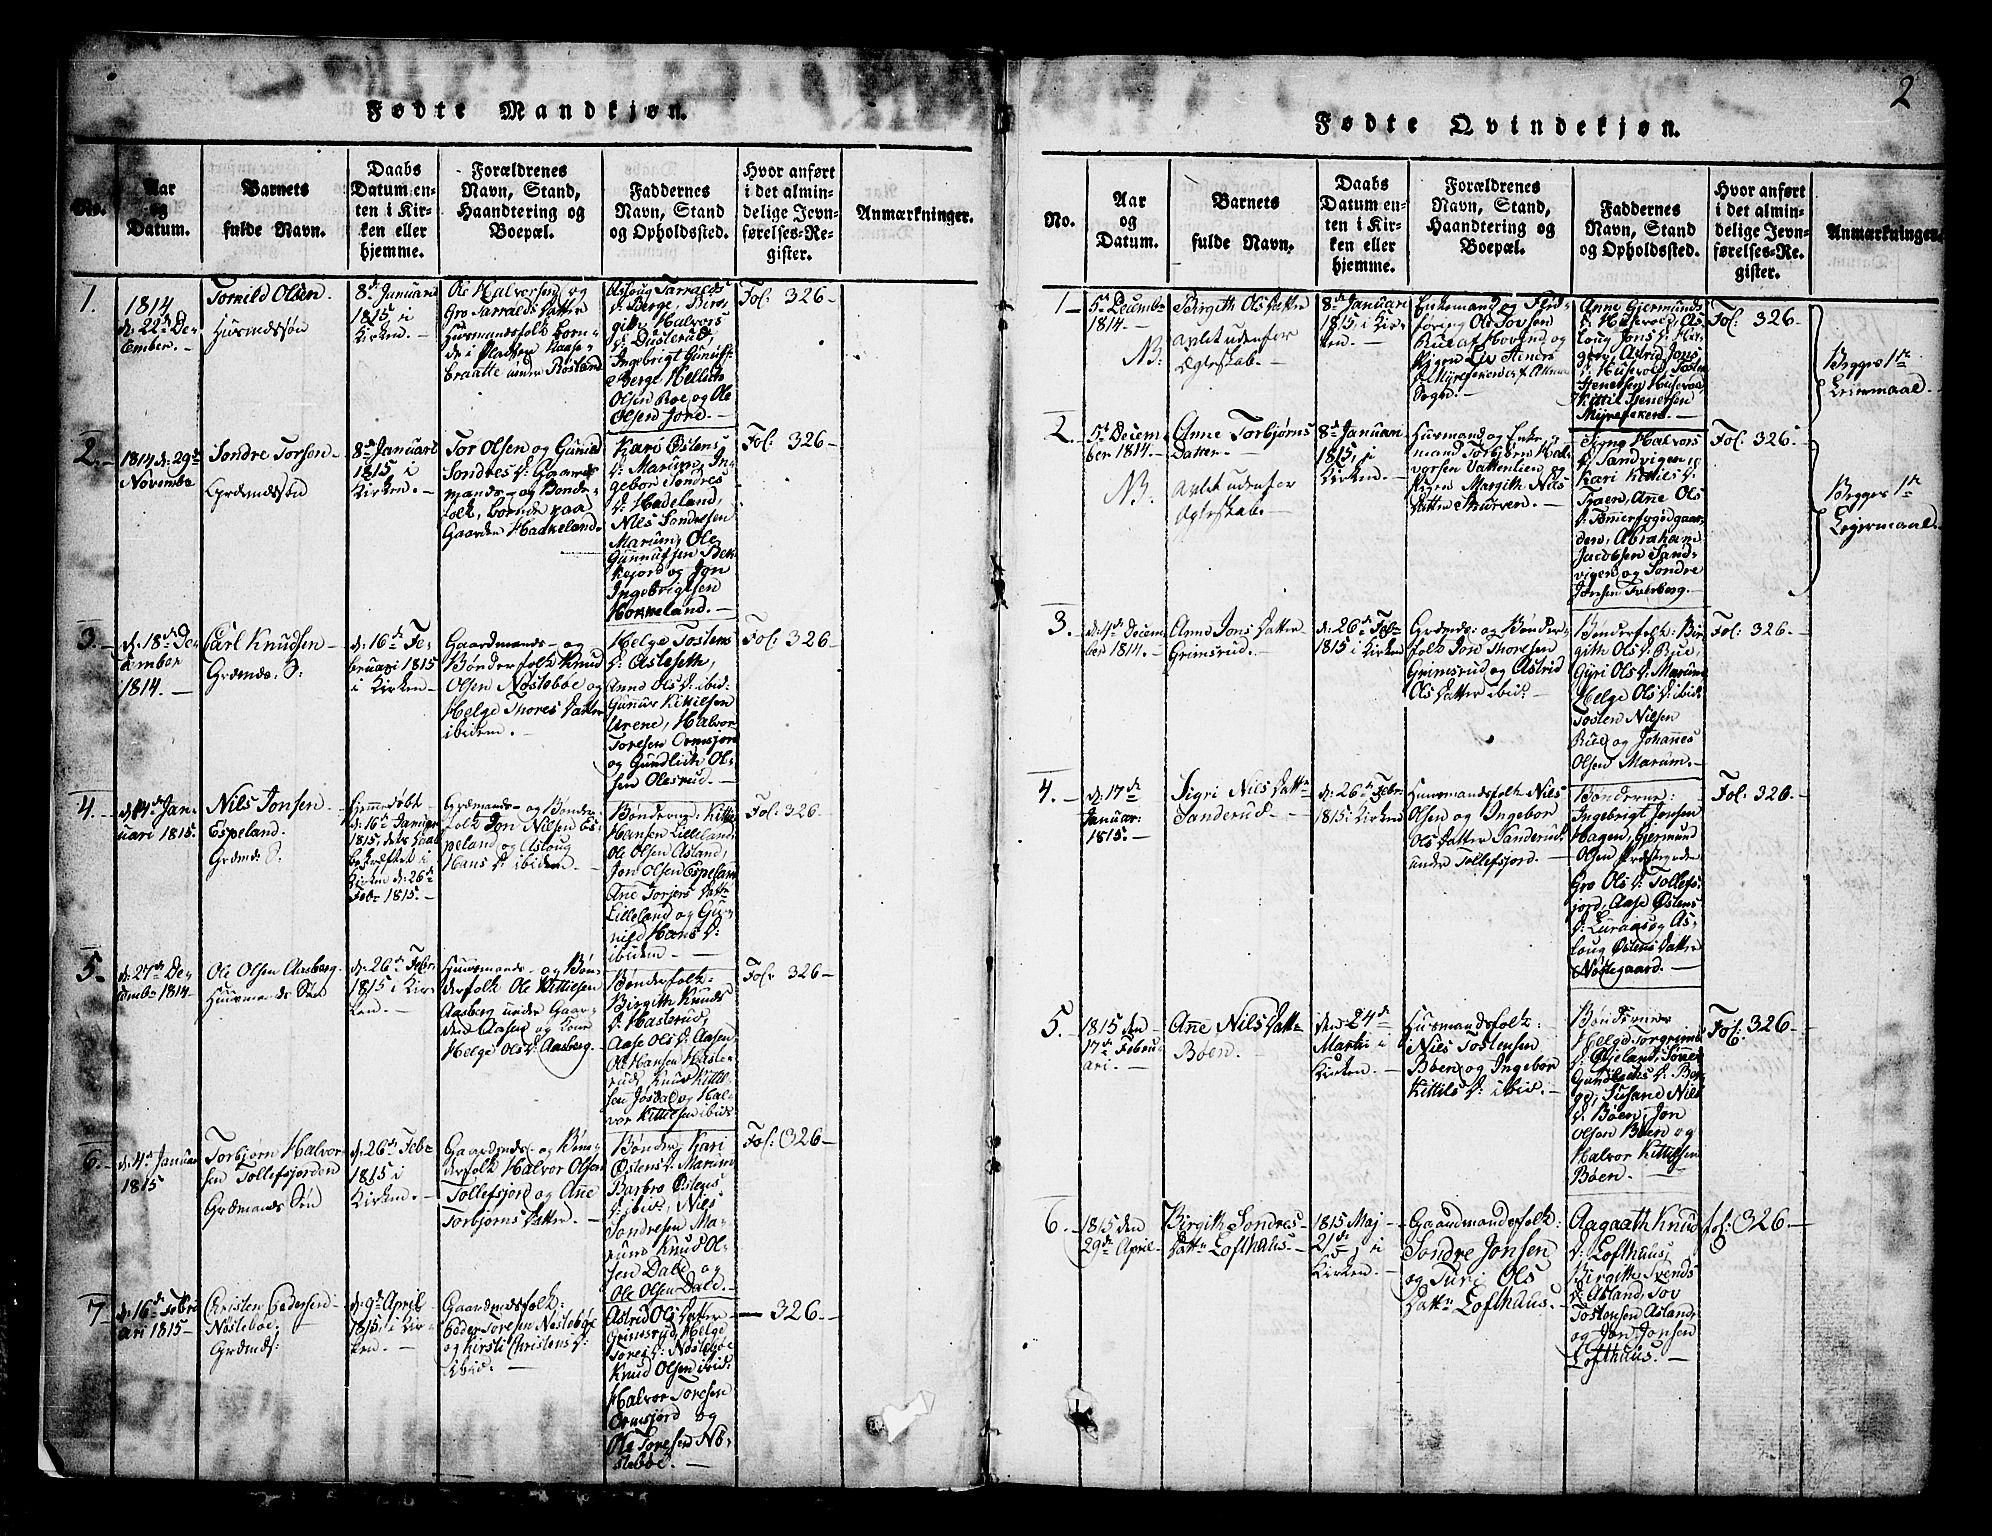 SAKO, Tinn kirkebøker, G/Ga/L0001: Klokkerbok nr. I 1, 1815-1850, s. 2